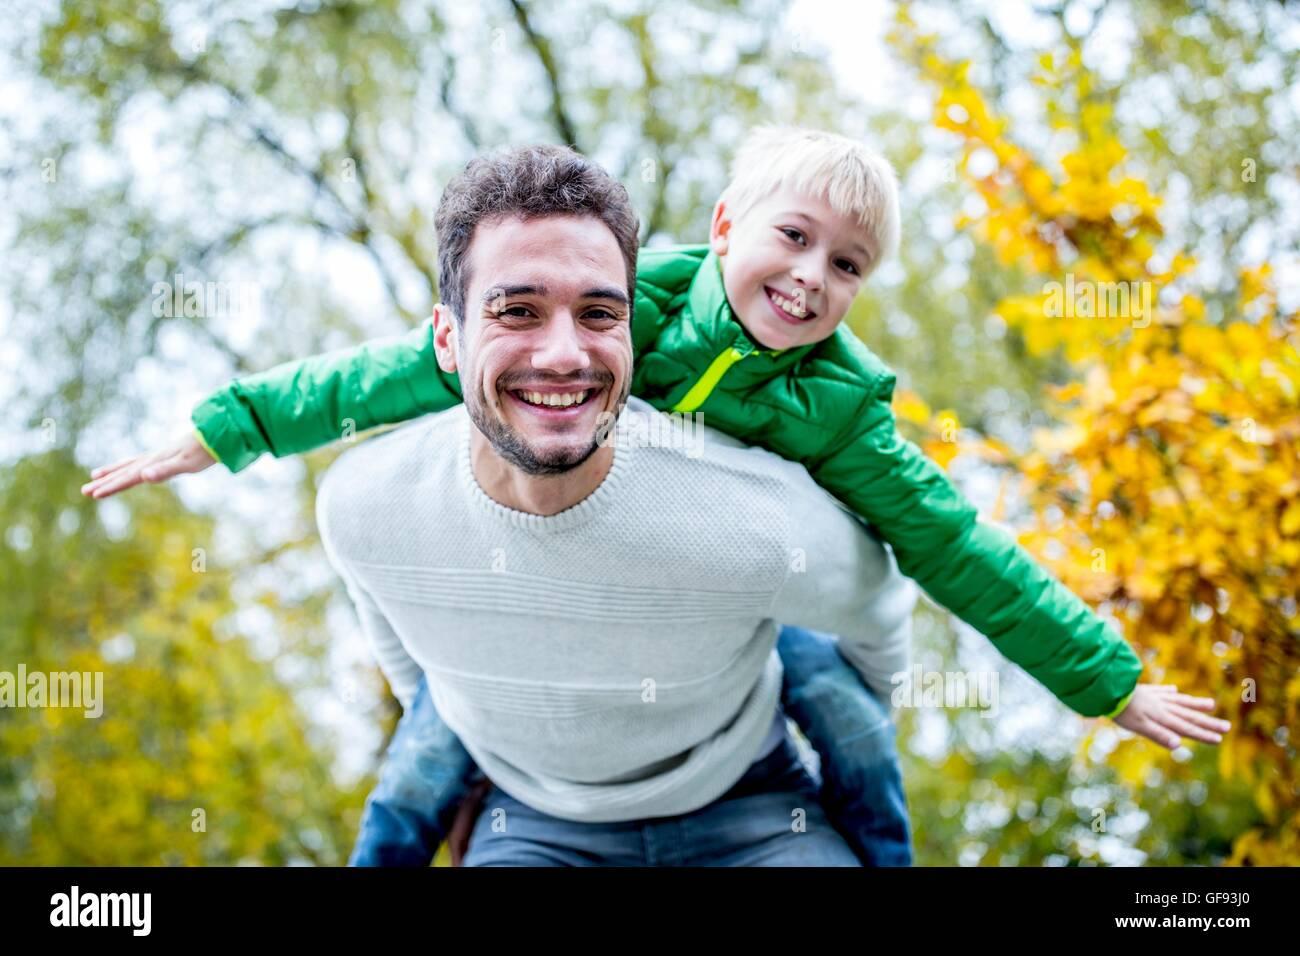 Parution du modèle. Father carrying son piggyback en automne, smiling, portrait. Photo Stock